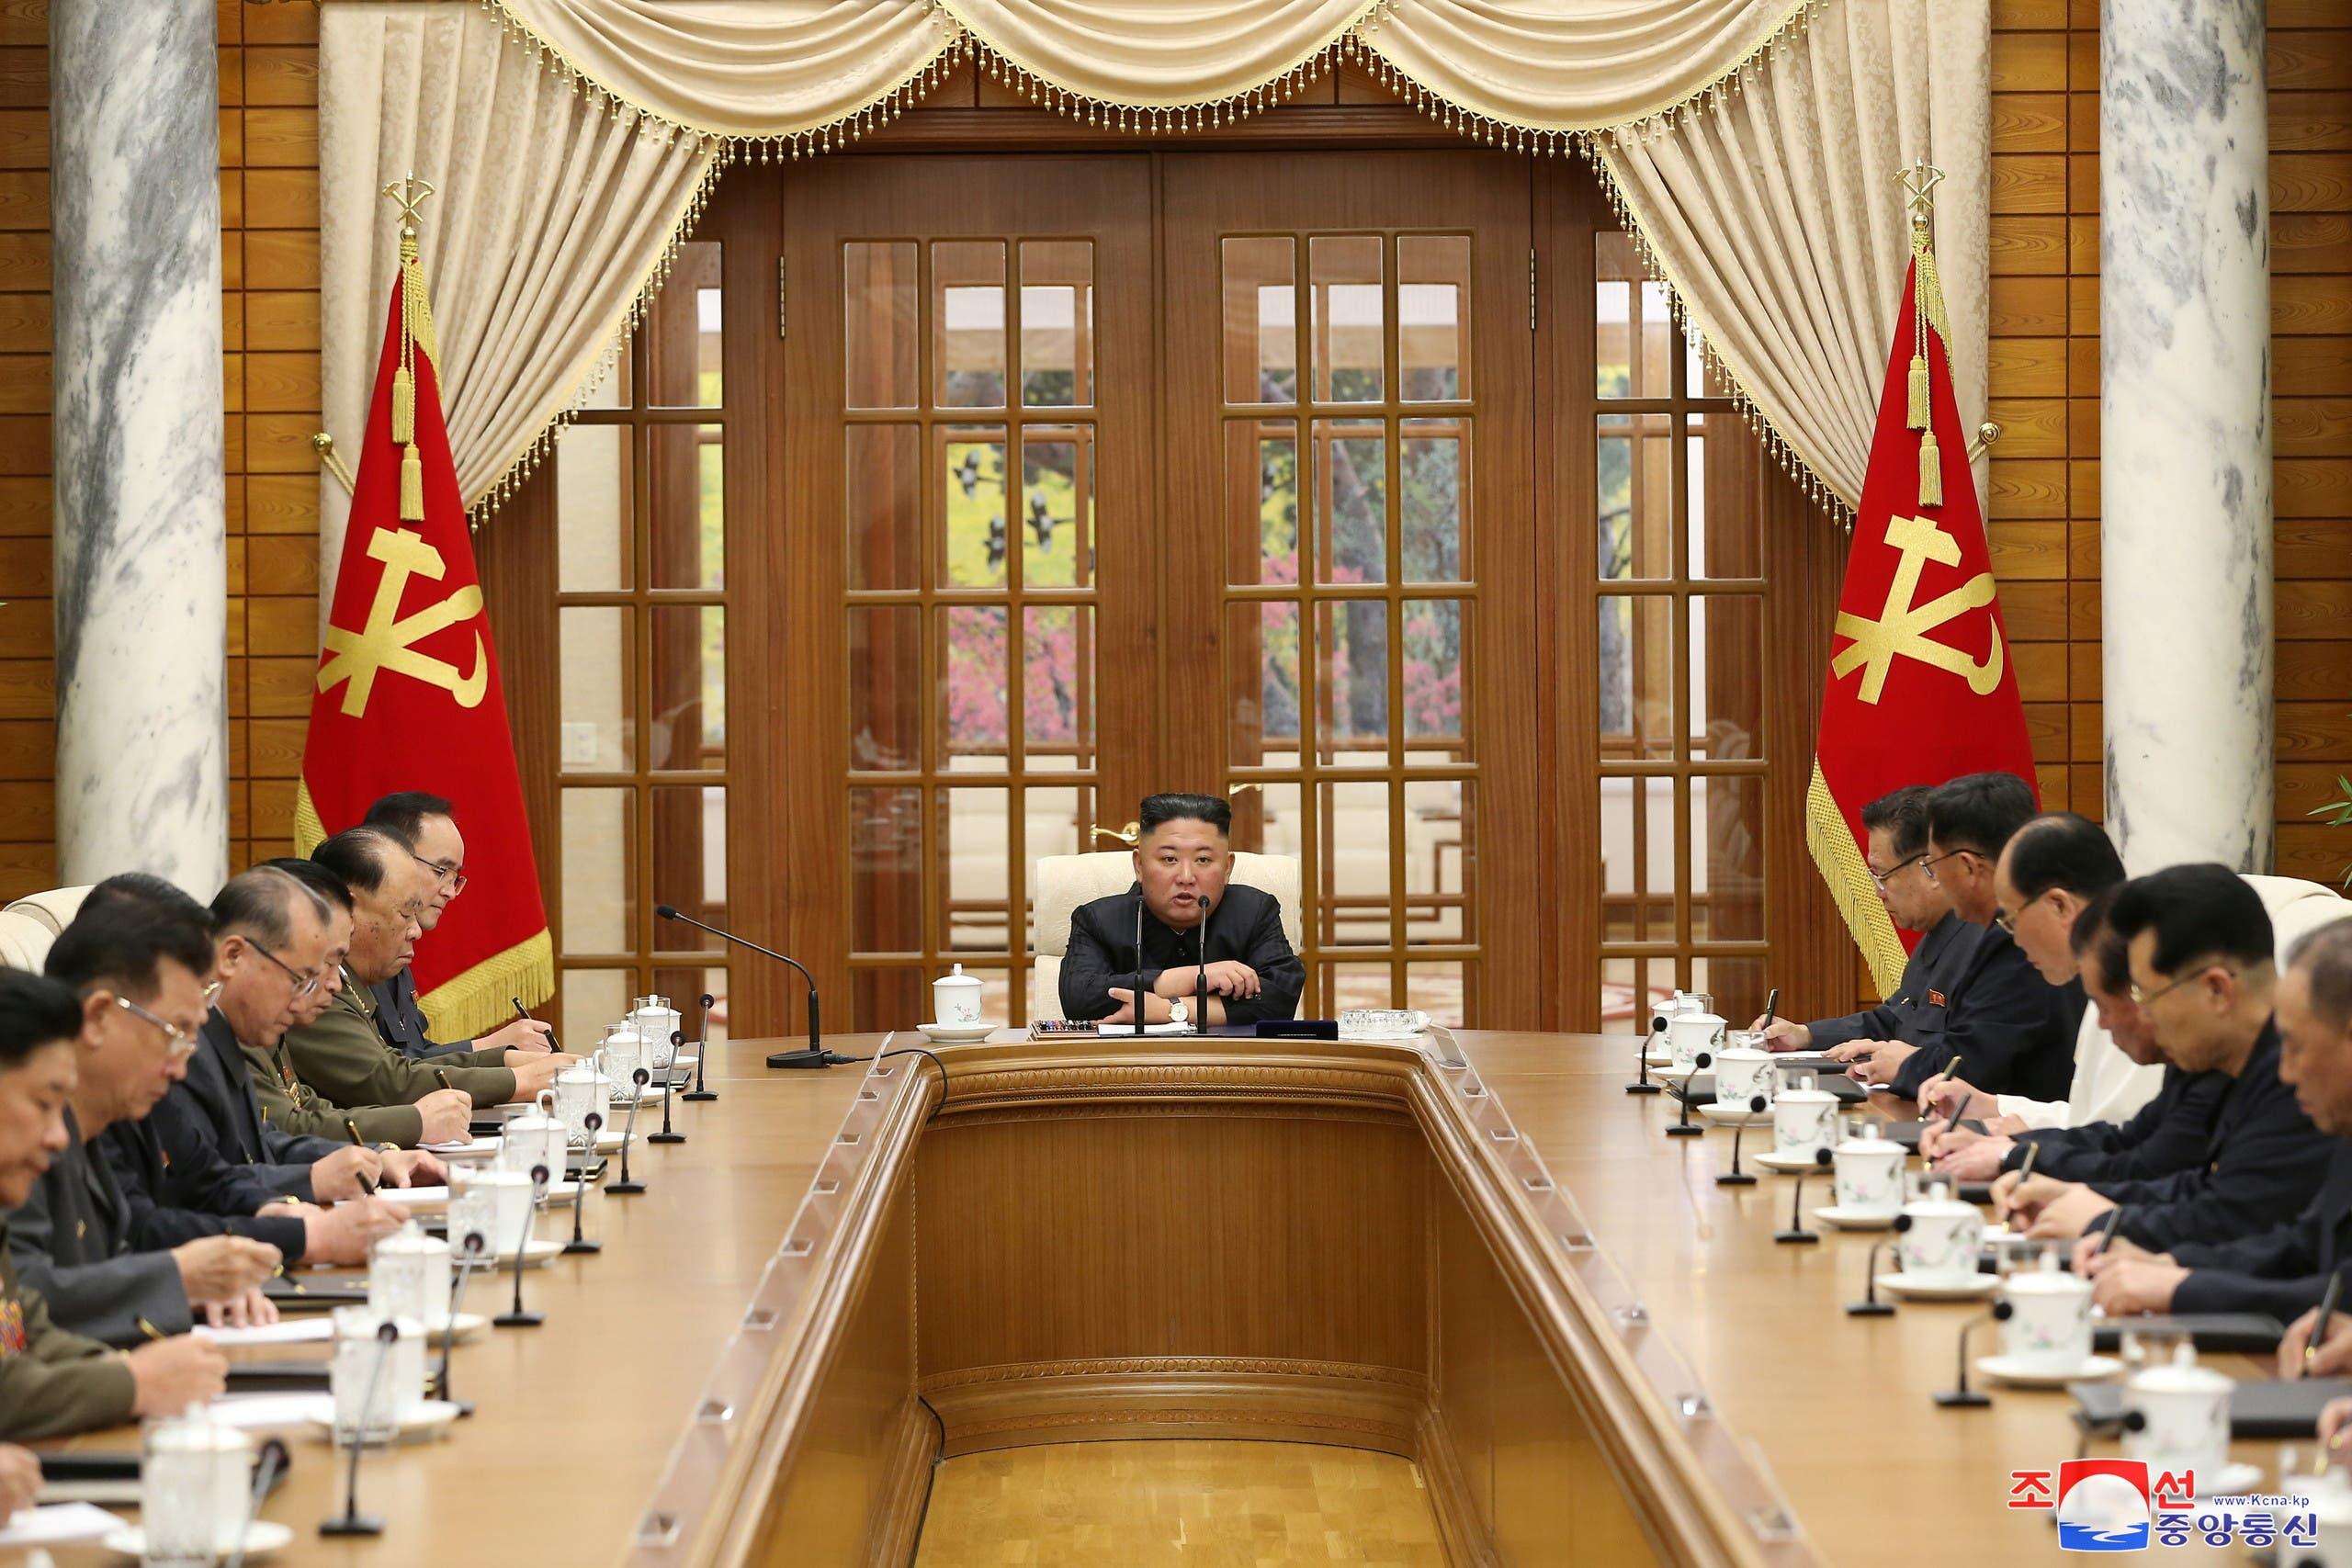 Kyu Jong-un (Reuters)